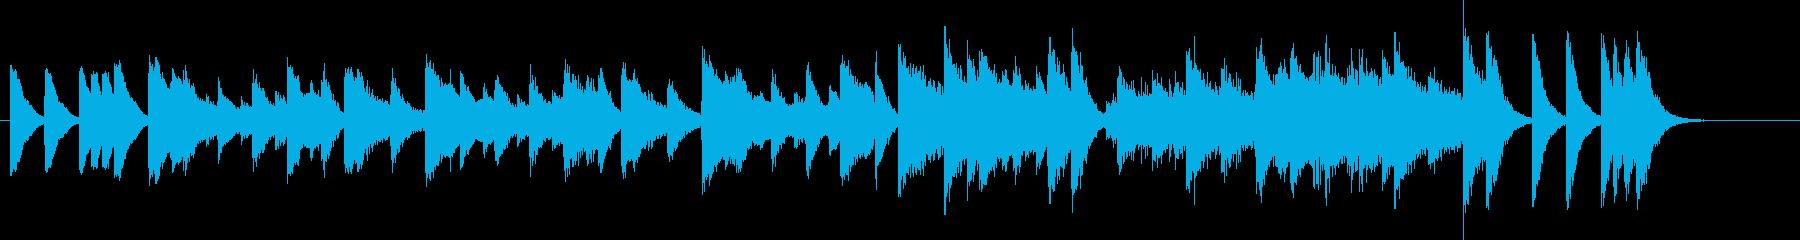 アップテンポでハッピーな冬ピアノジングルの再生済みの波形